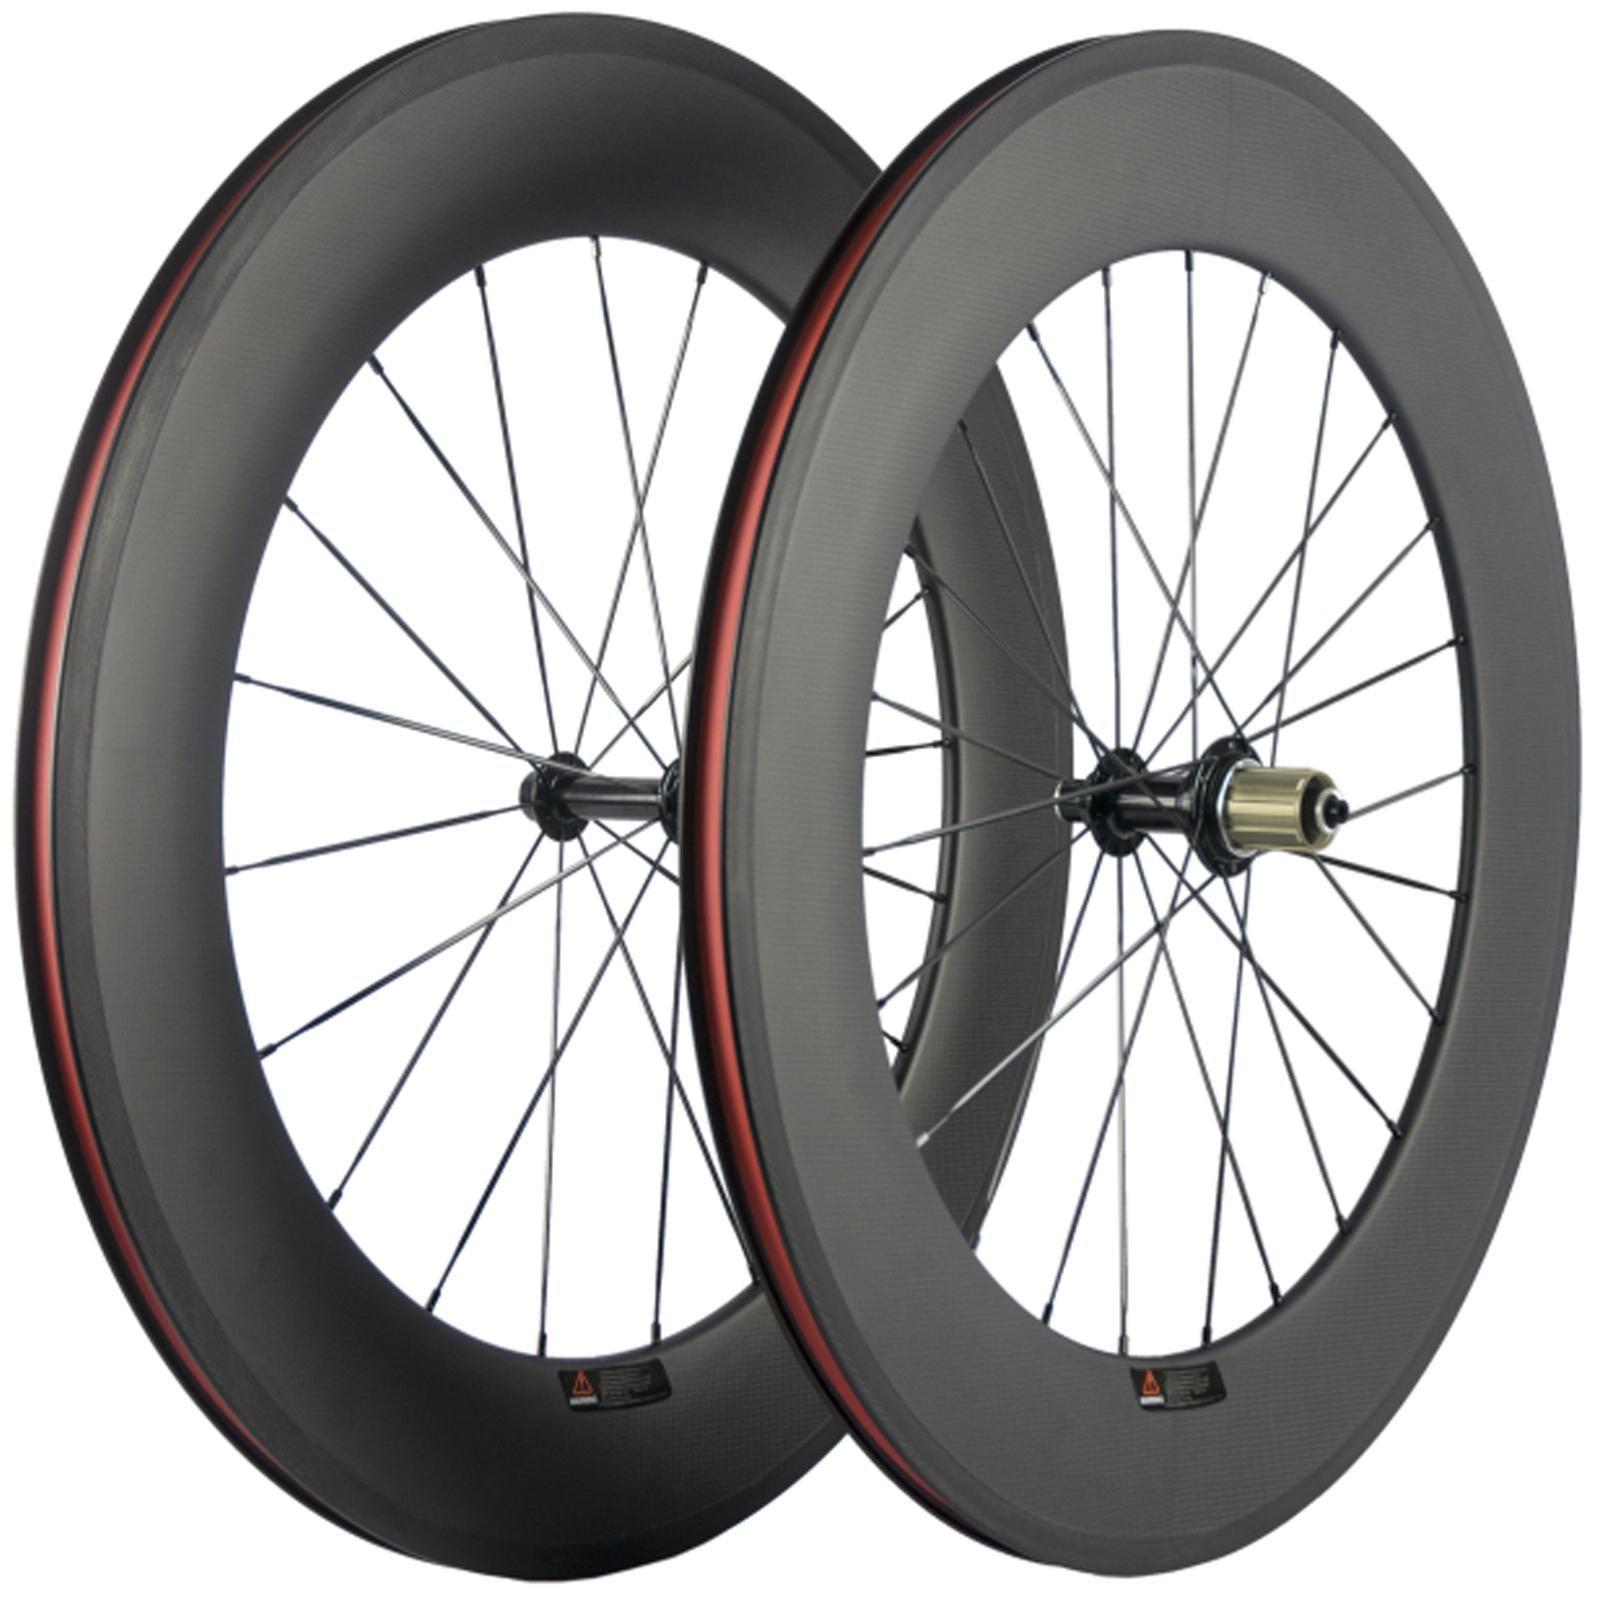 88 millimetri di profondità della fibra Wheelset graffatrice della bici della strada 23 millimetri Larghezza R13 Hub Ruote 3K opaco basalto 700C Carbon Racing Wheels